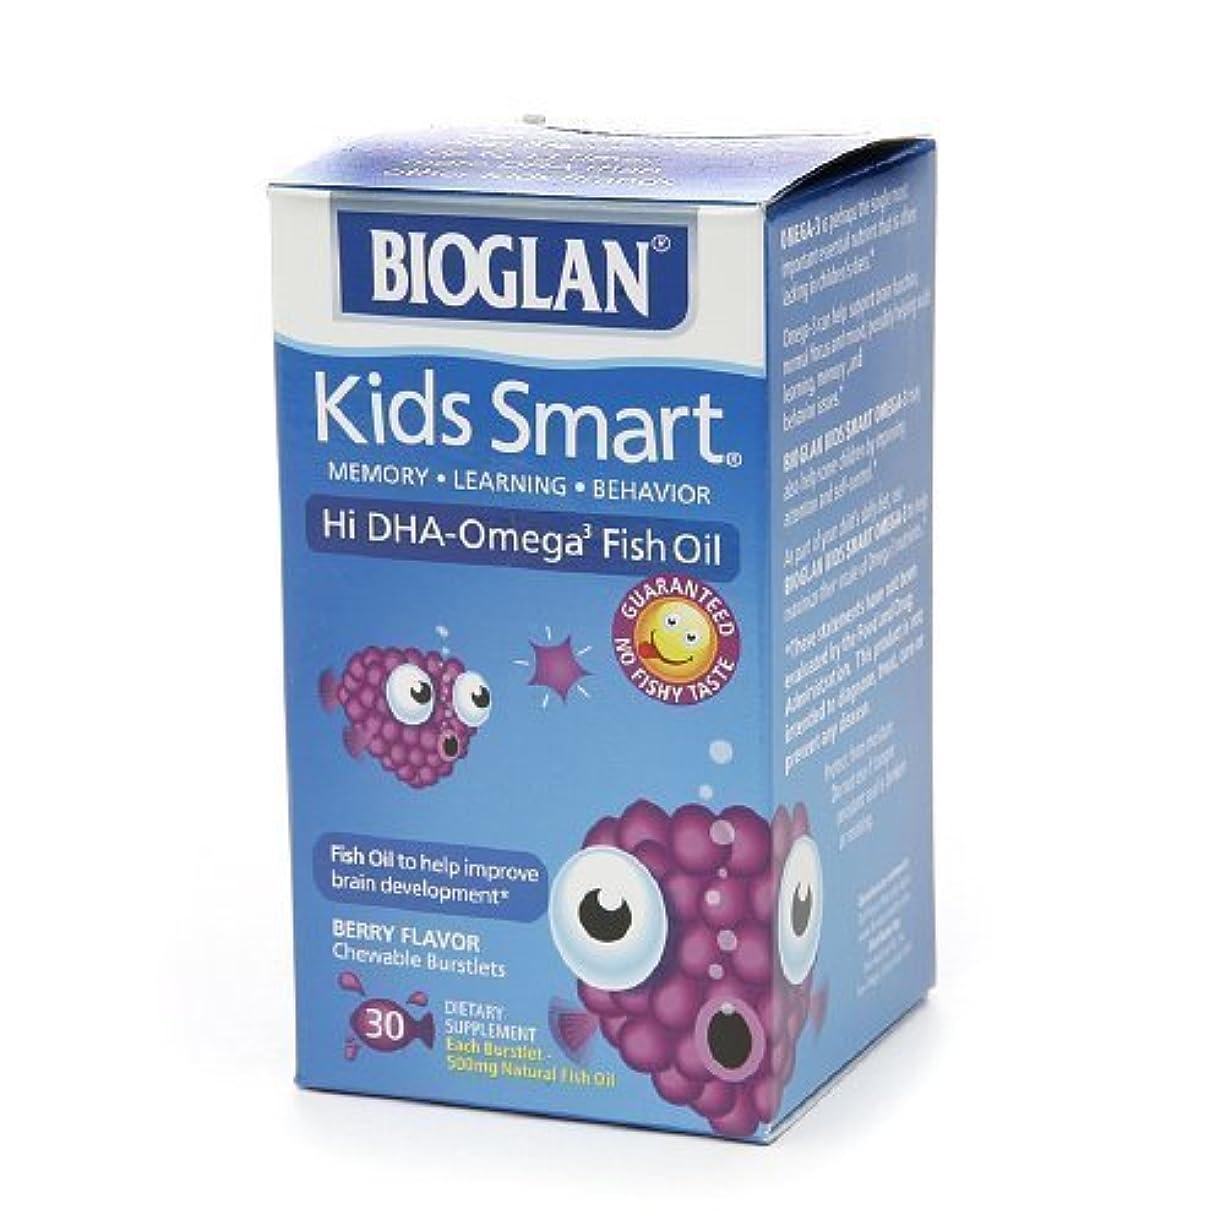 子豚ほとんどないそれBioGlan Kids Smart Hi DHA Omega-3 Fish Oil, Chewable Burstlets, Berry--30 ea-Product ID DRU-318828_1 by bioglan...